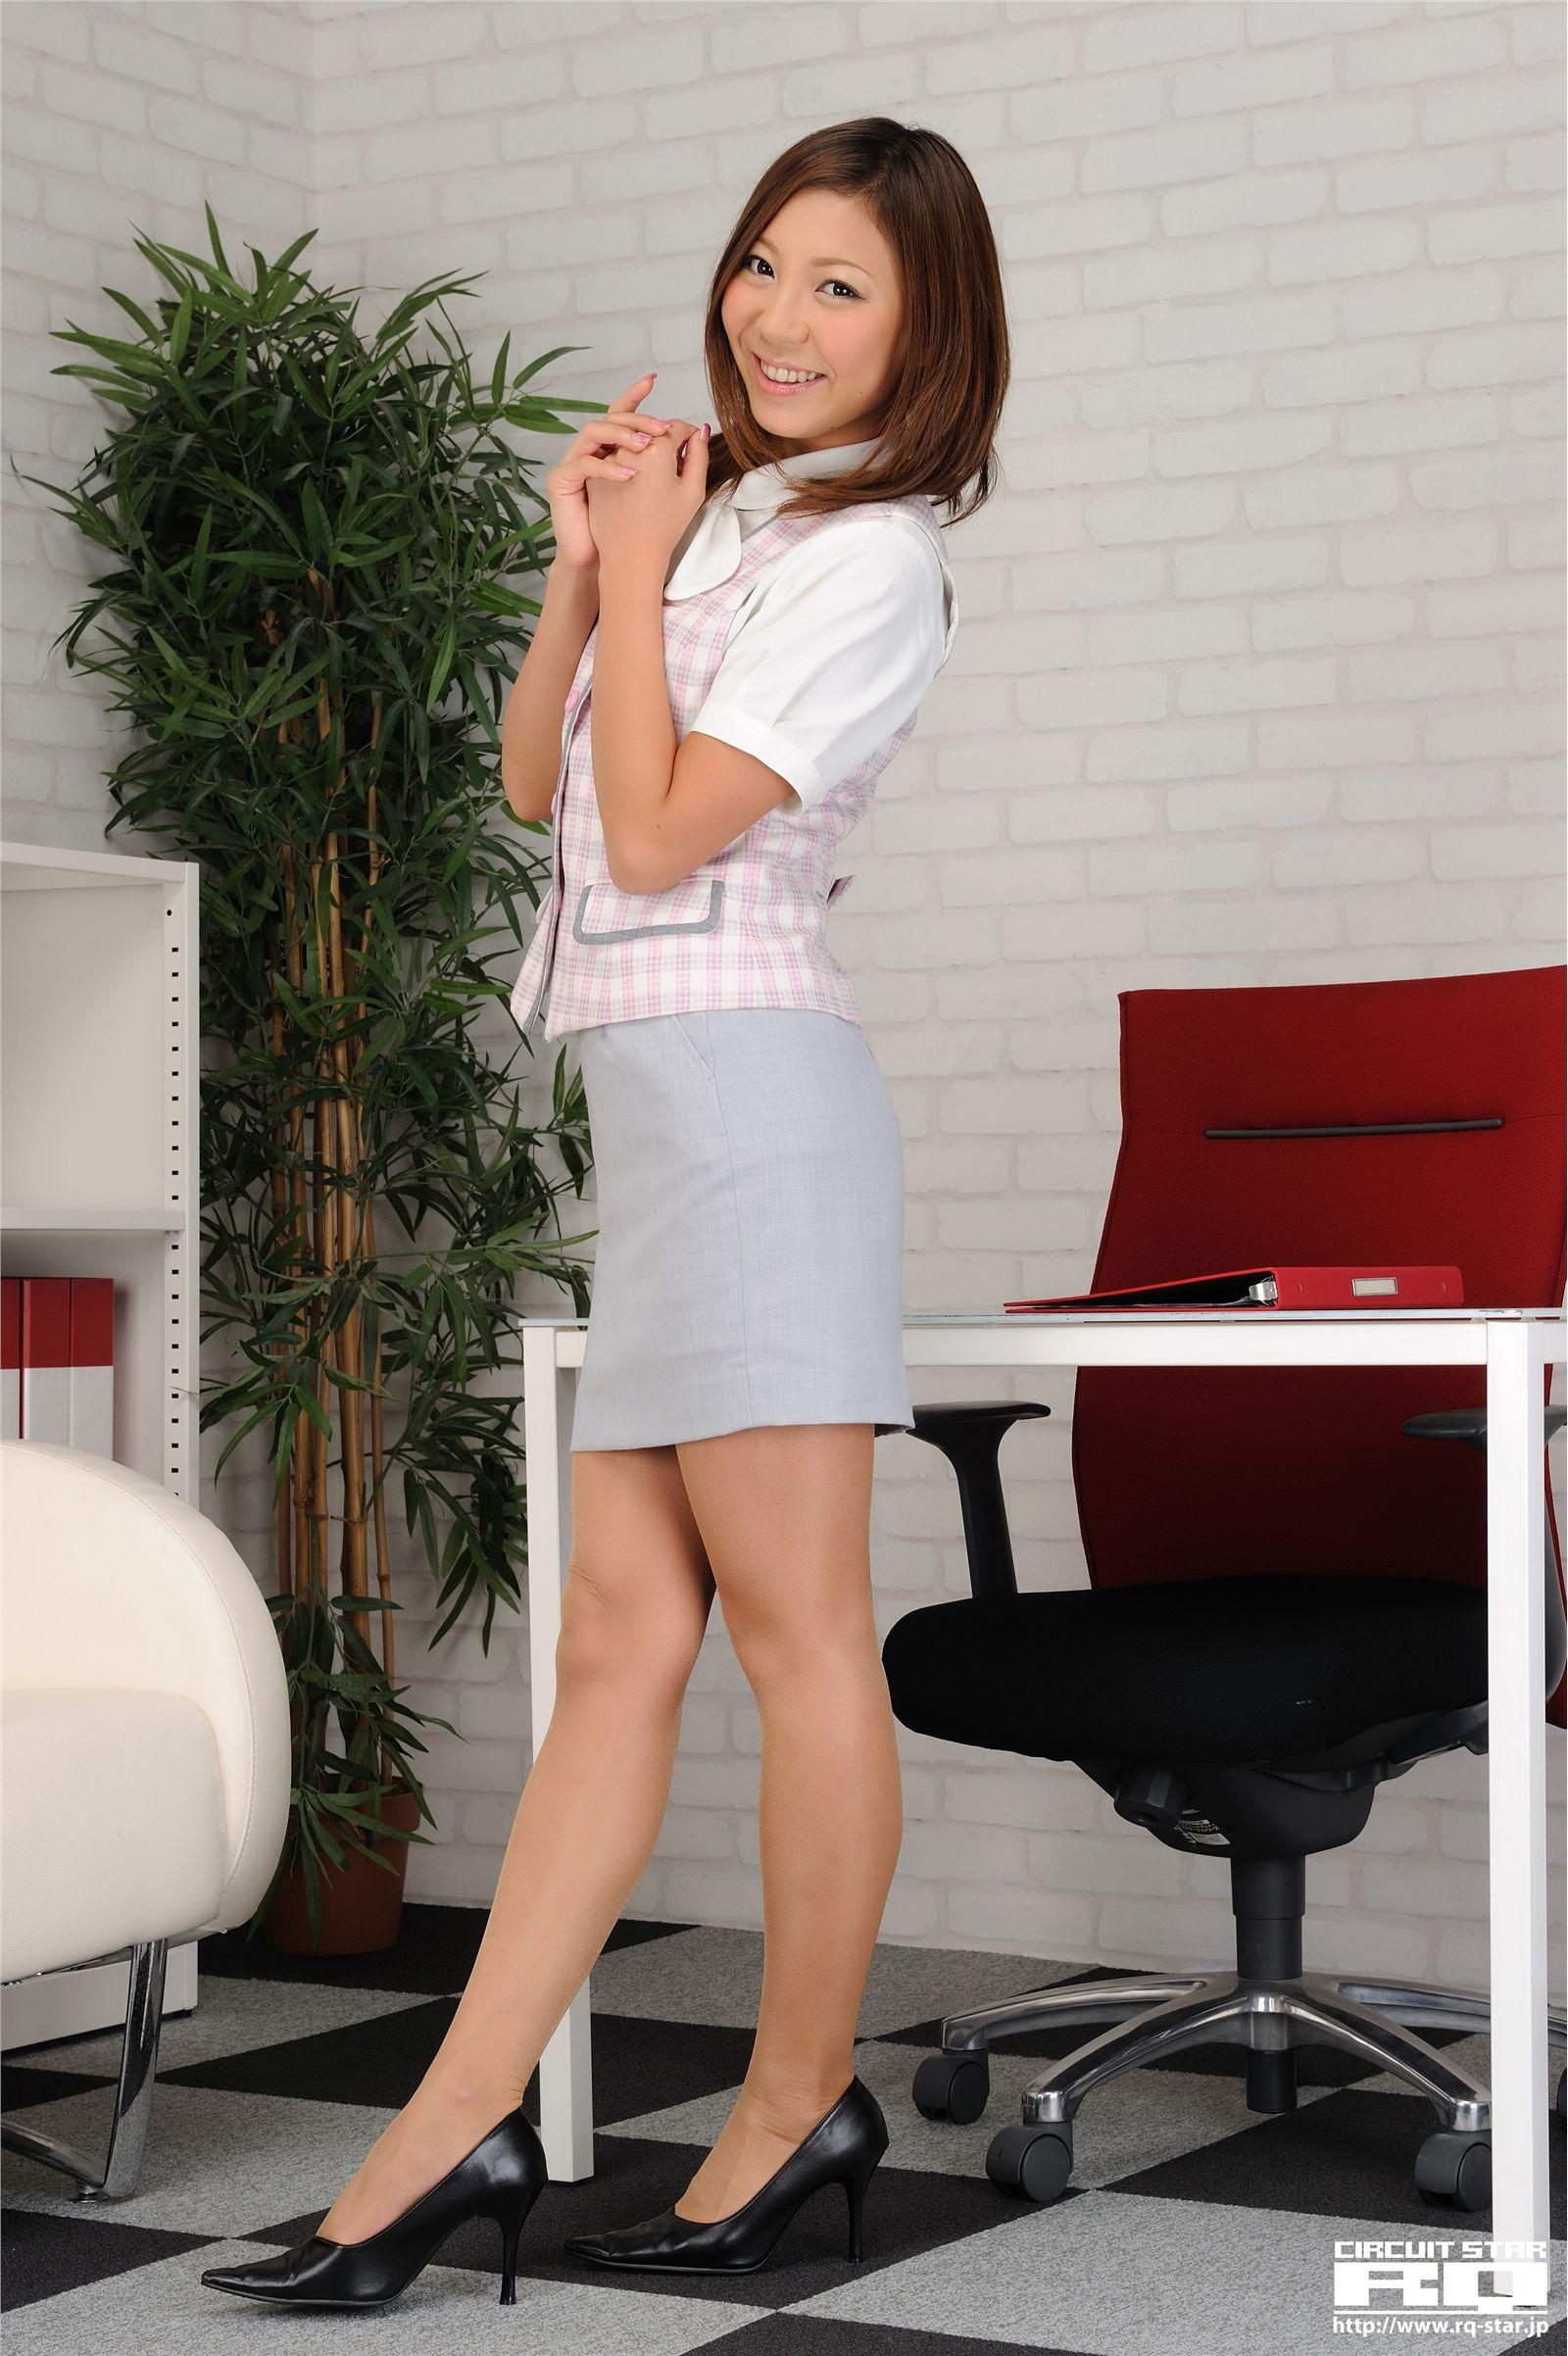 [RQ STAR美女] NO.01132 Ayami あやみ Office Lady[120P] RQ STAR 第2张